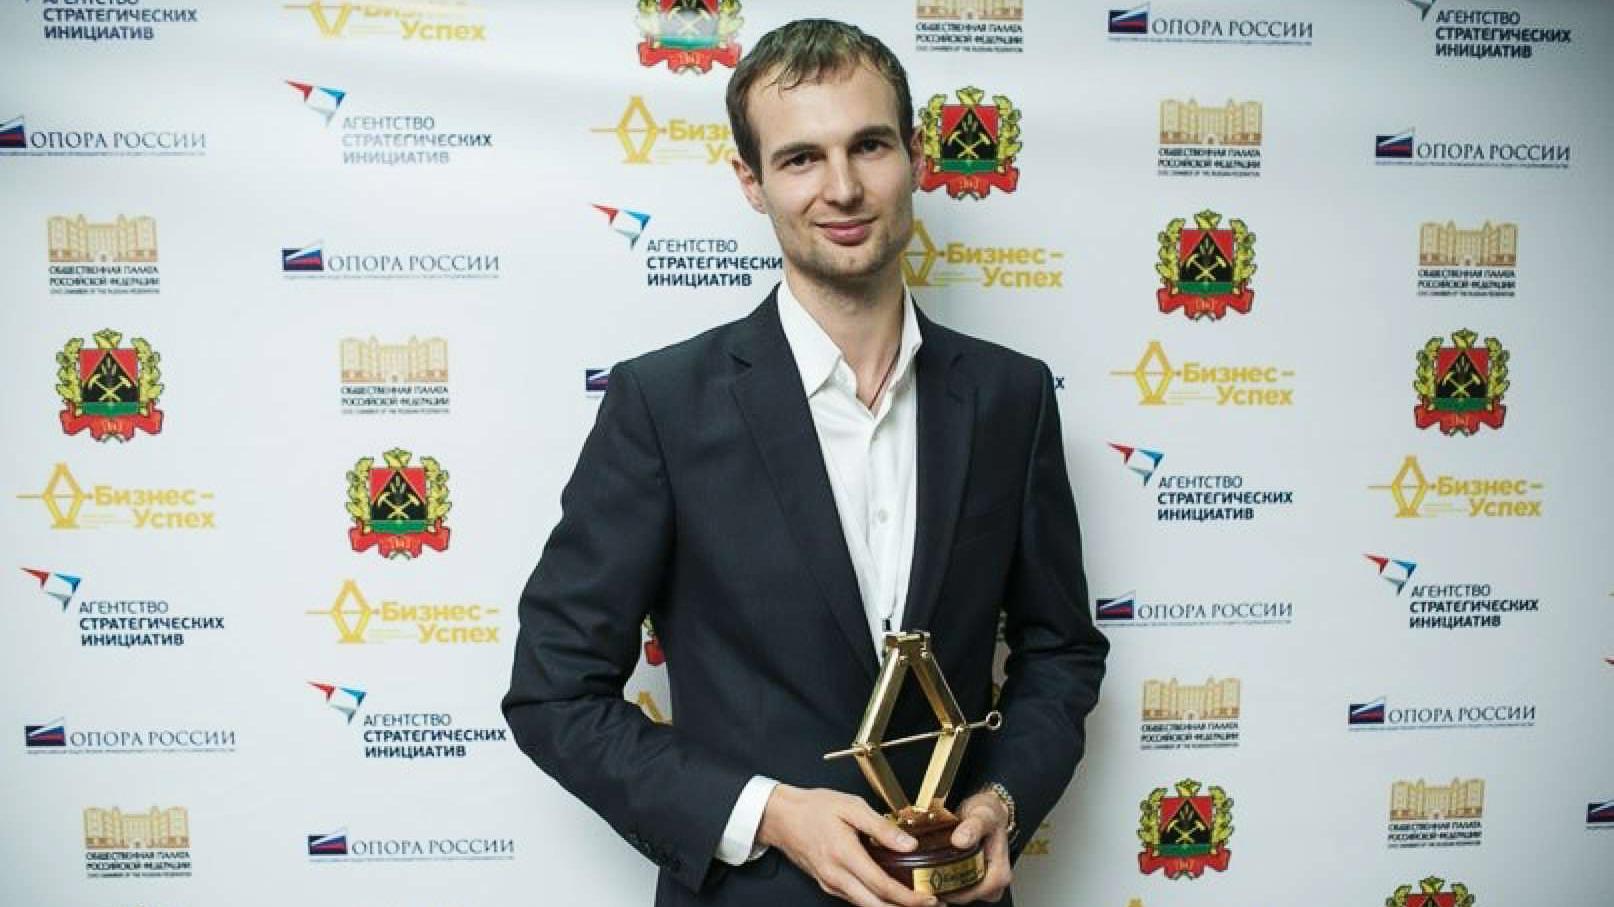 Родион Морозов — победитель Всероссийского конкурса «Молодой предприниматель России»